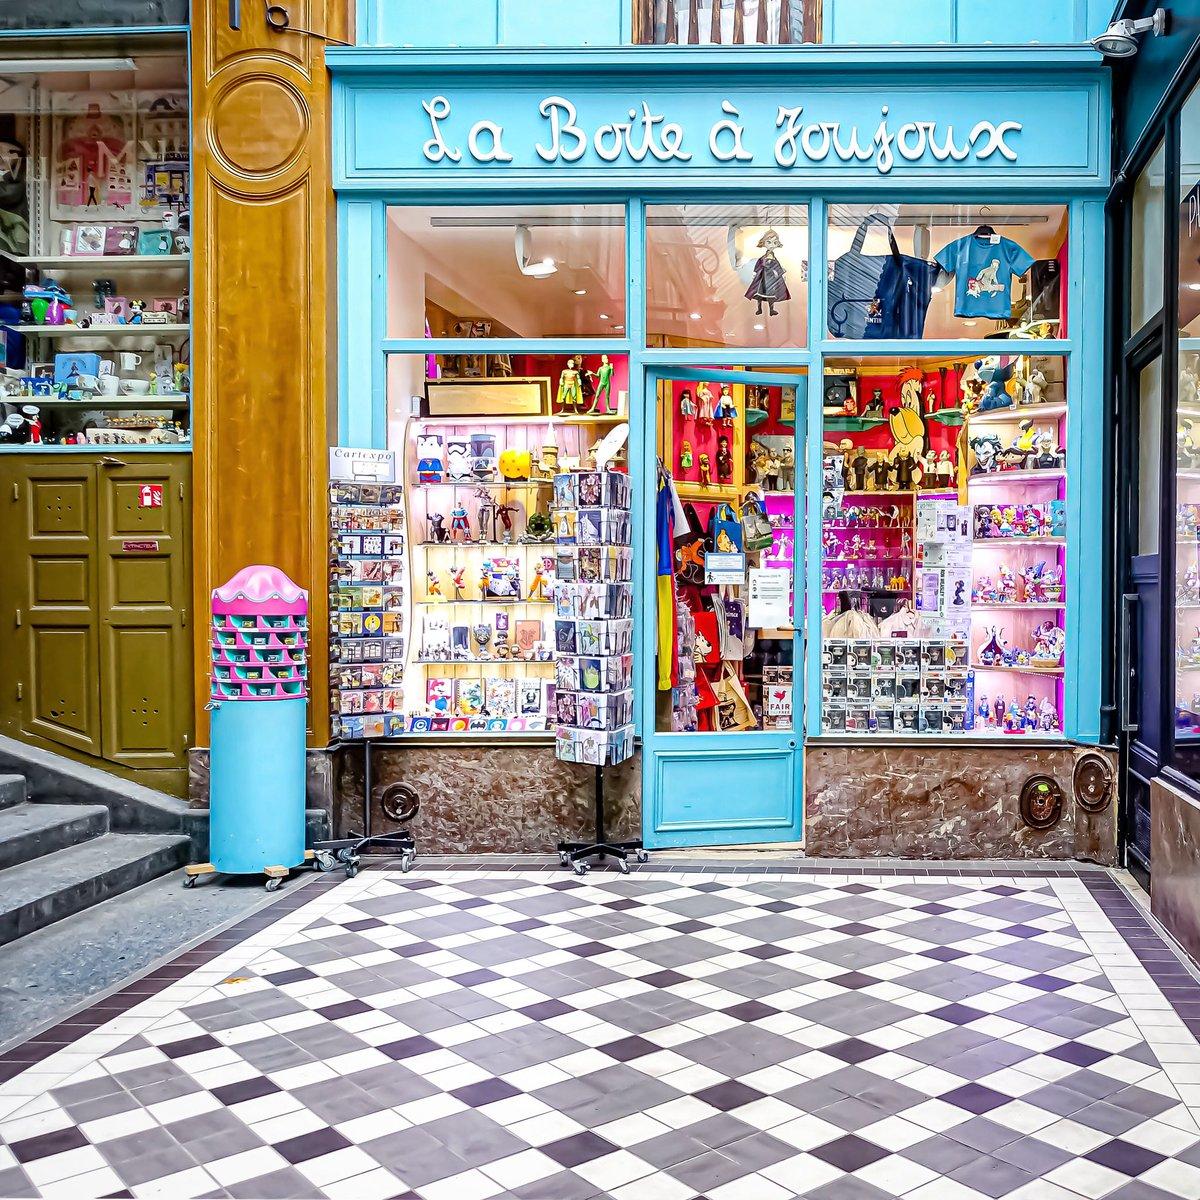 Délicieuse boutique du passage Jouffroy - Paris 9  #parisladouce #paris #pariscartepostale #parisjetaime #cityguide #pariscityguide #paris9 #streetsofparis #thisisparis #parismaville #passagejouffroy #grandsboulevards